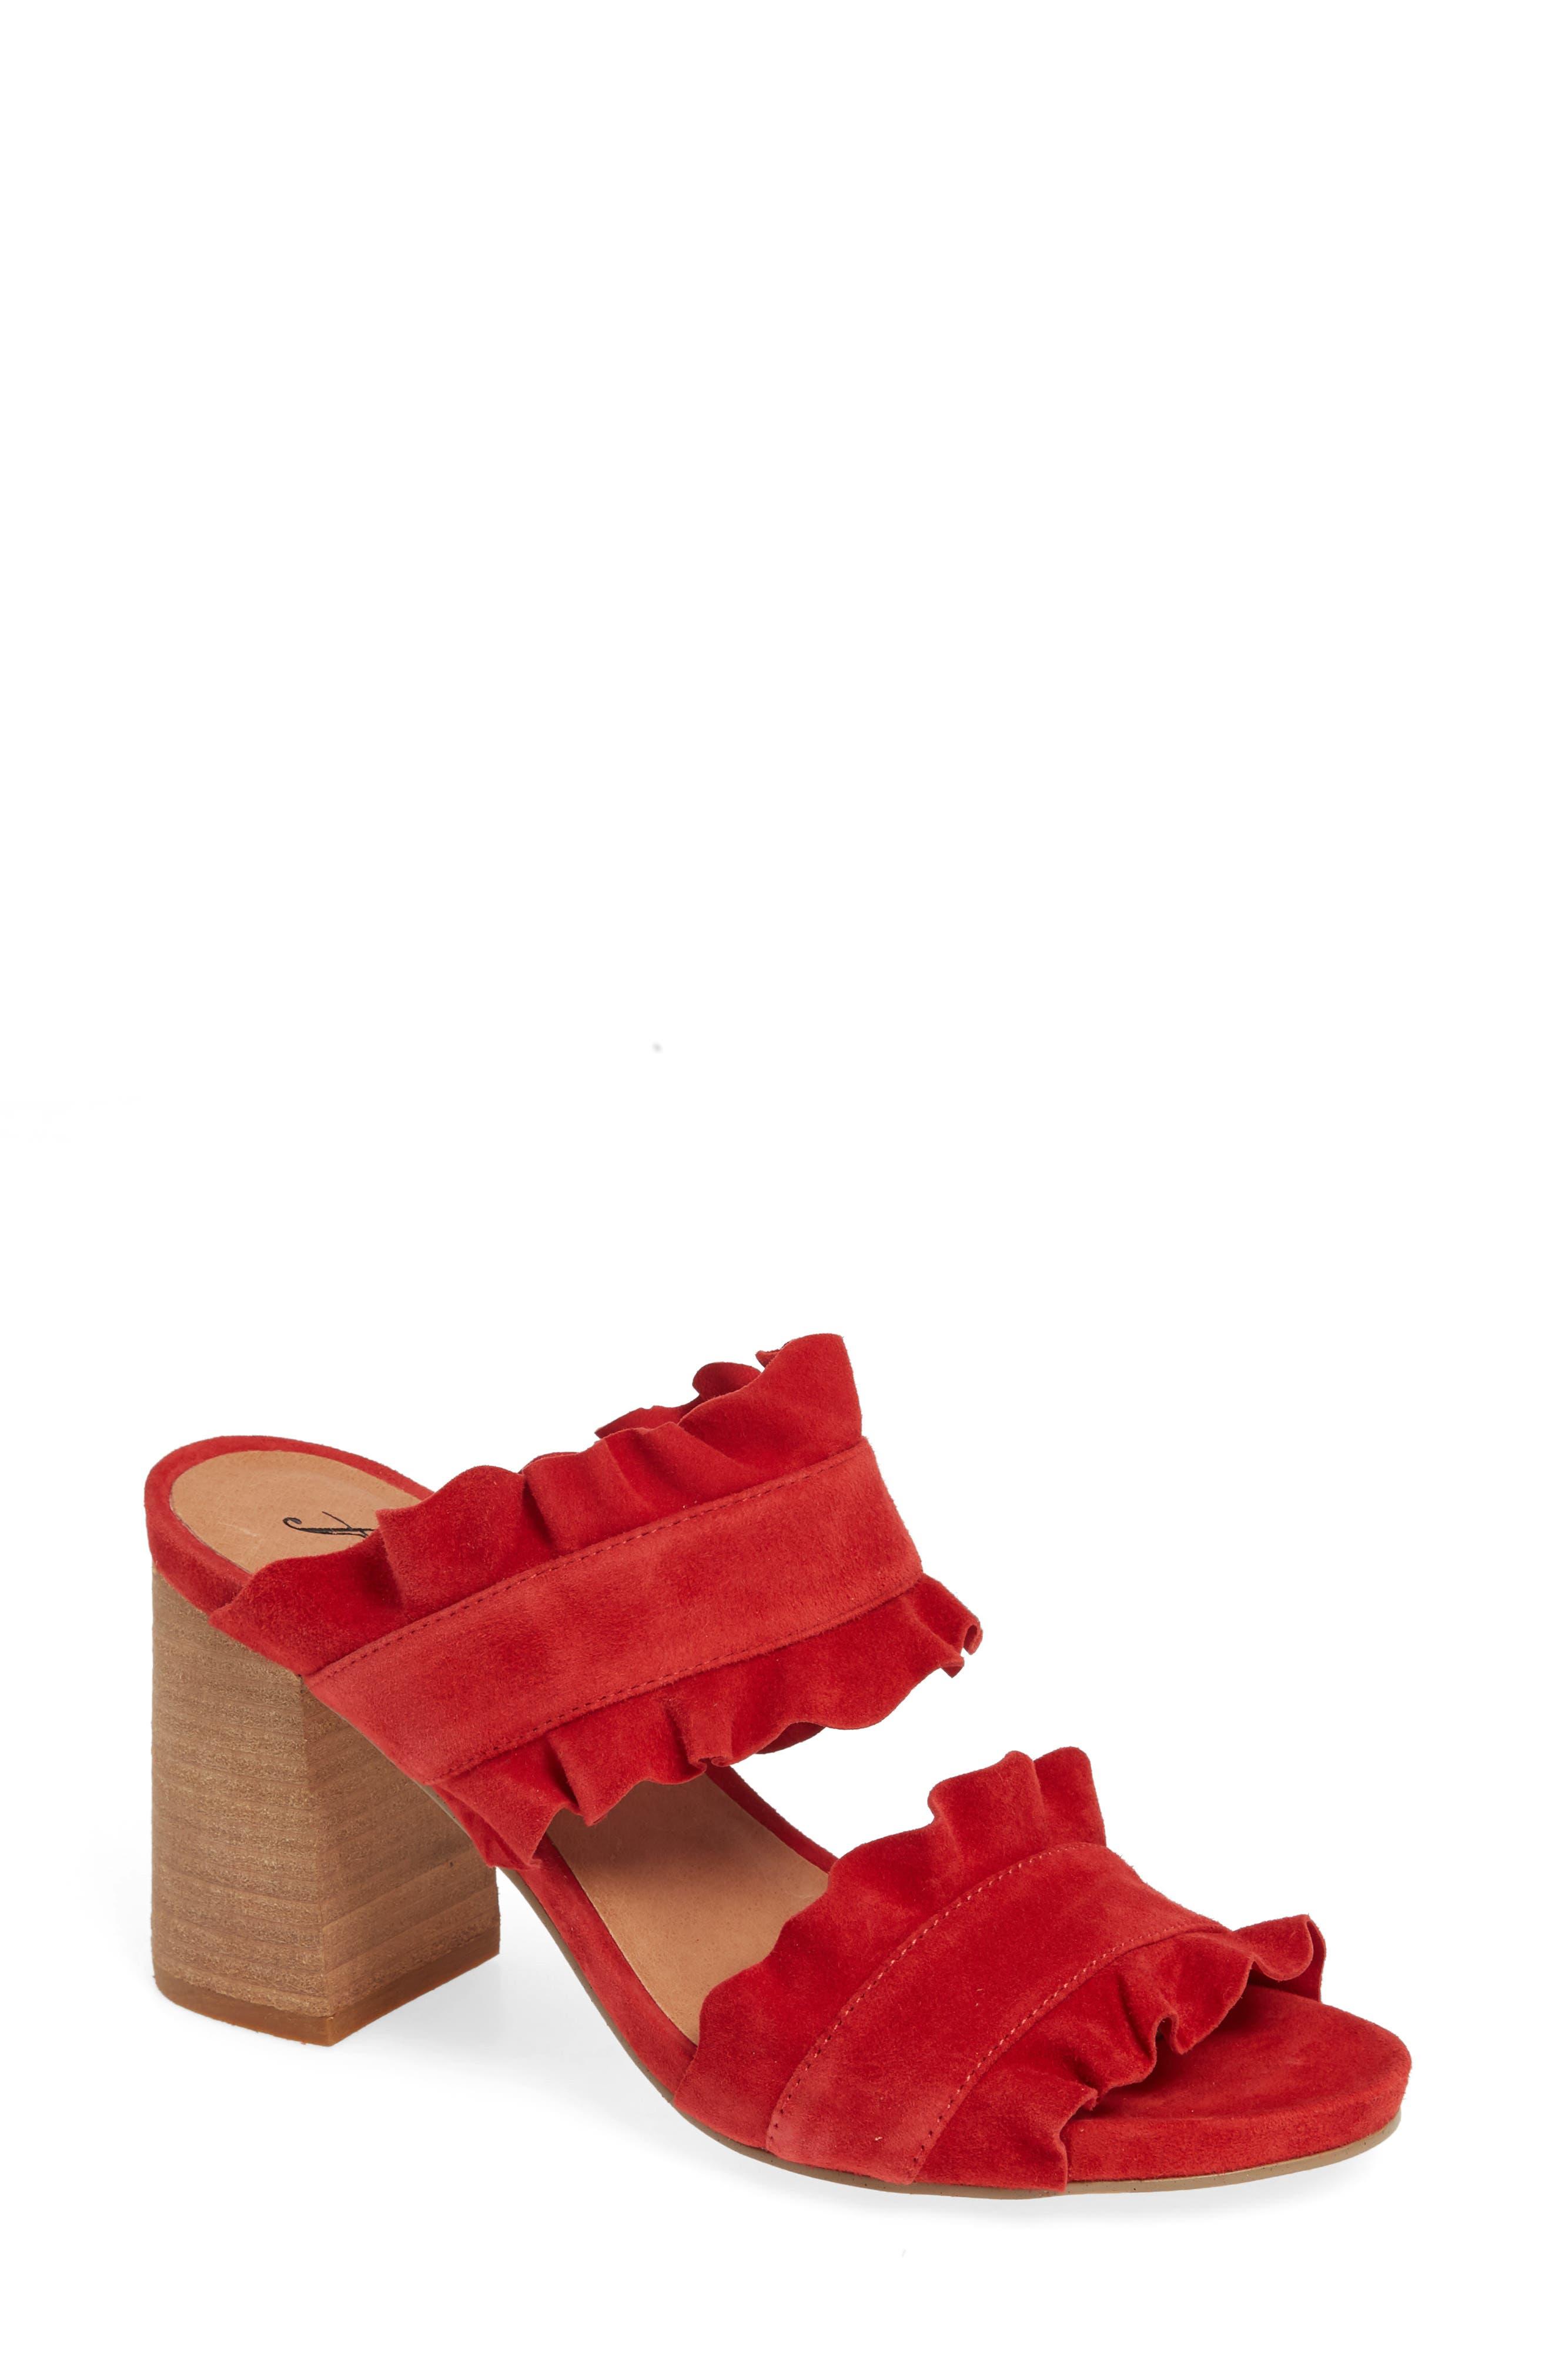 Free People Rosie Ruffle Slide Sandal, Red